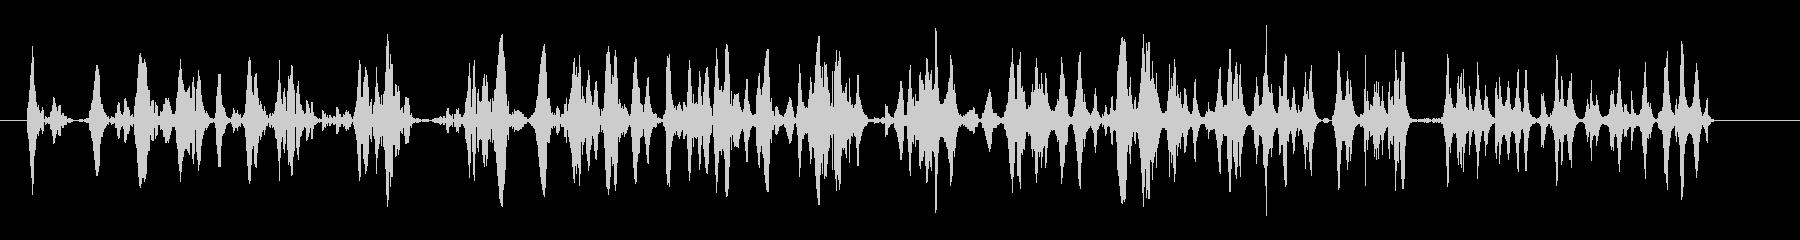 泡が連続でわき上がる音の未再生の波形